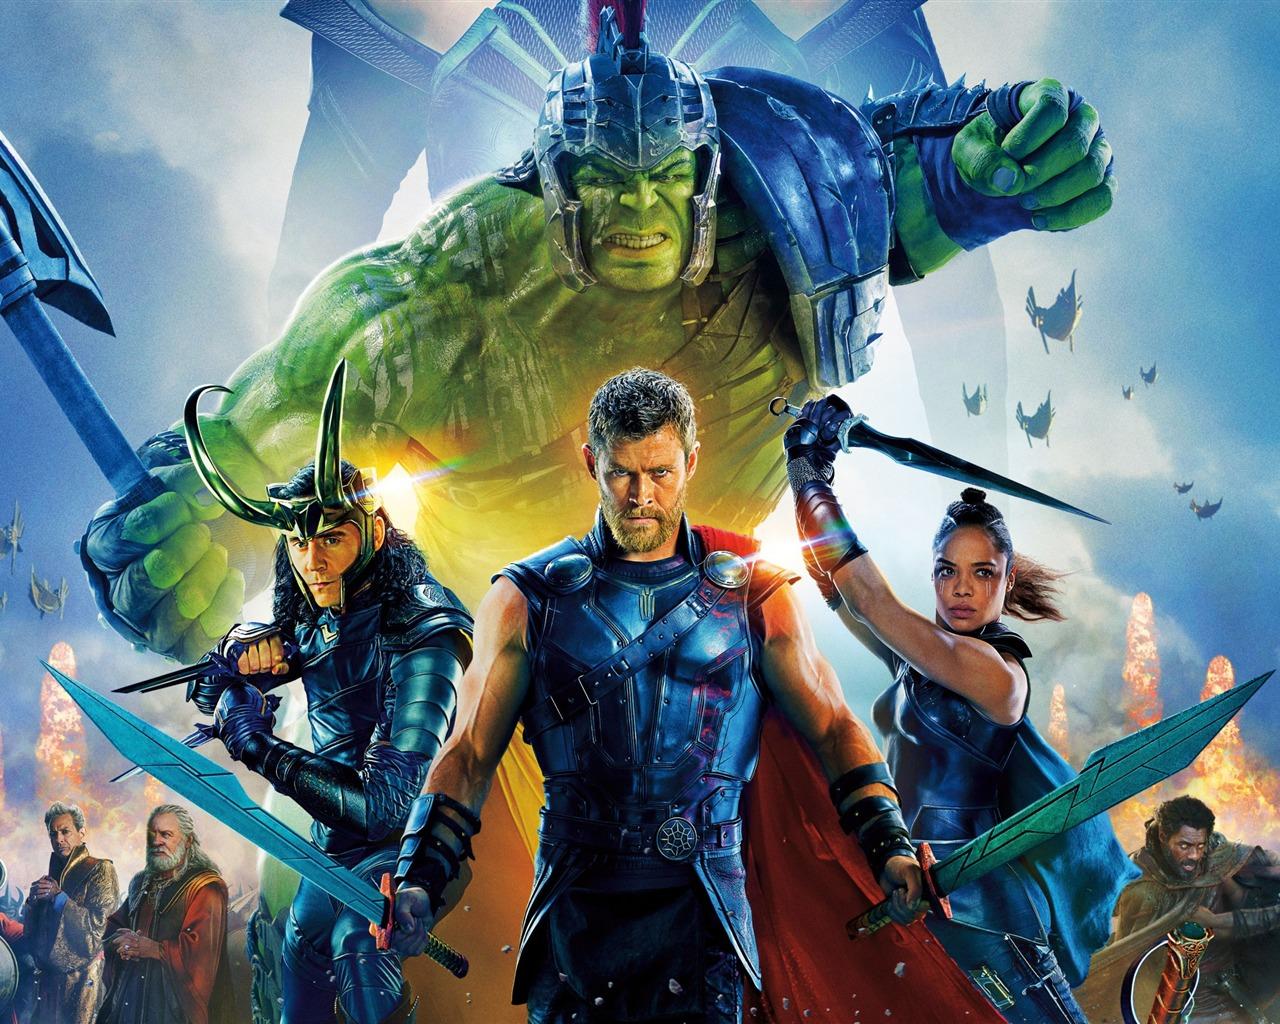 雷神3:诸神黄昏 Thor: Ragnarök高清壁纸预览 | 10wallpaper.com